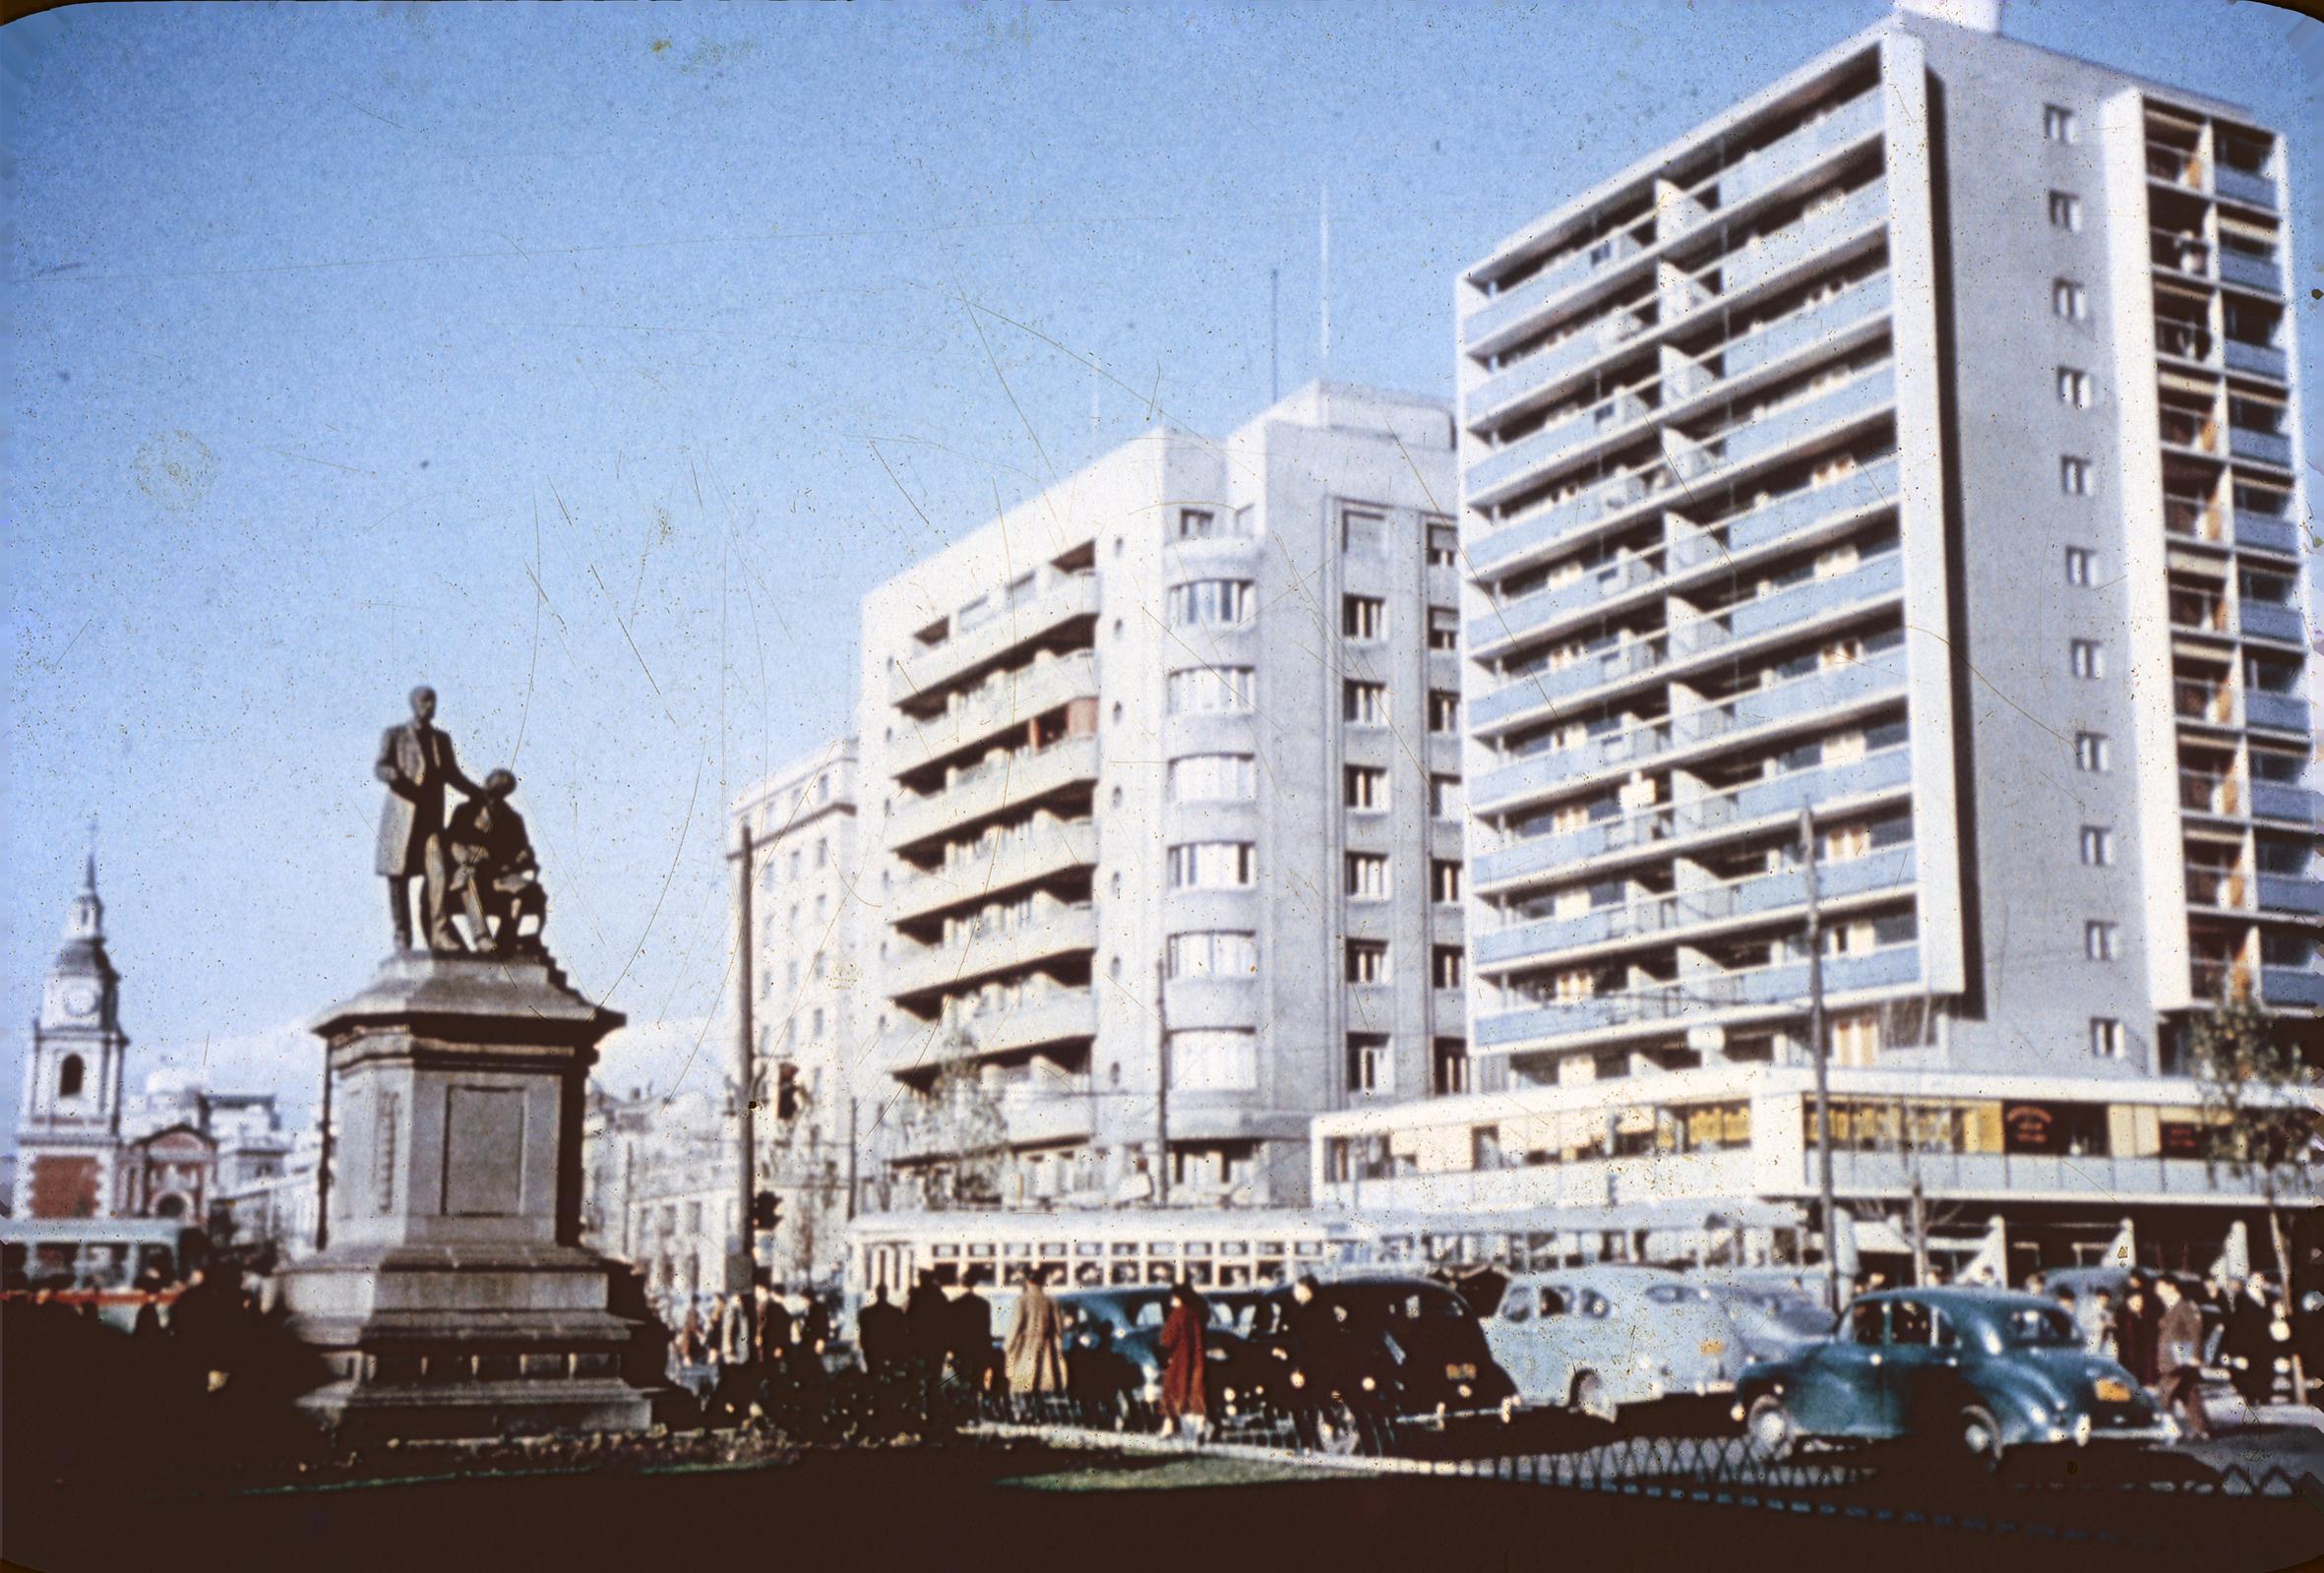 Enterreno - Fotos históricas de chile - fotos antiguas de Chile - Alameda de Santiago, 1950s